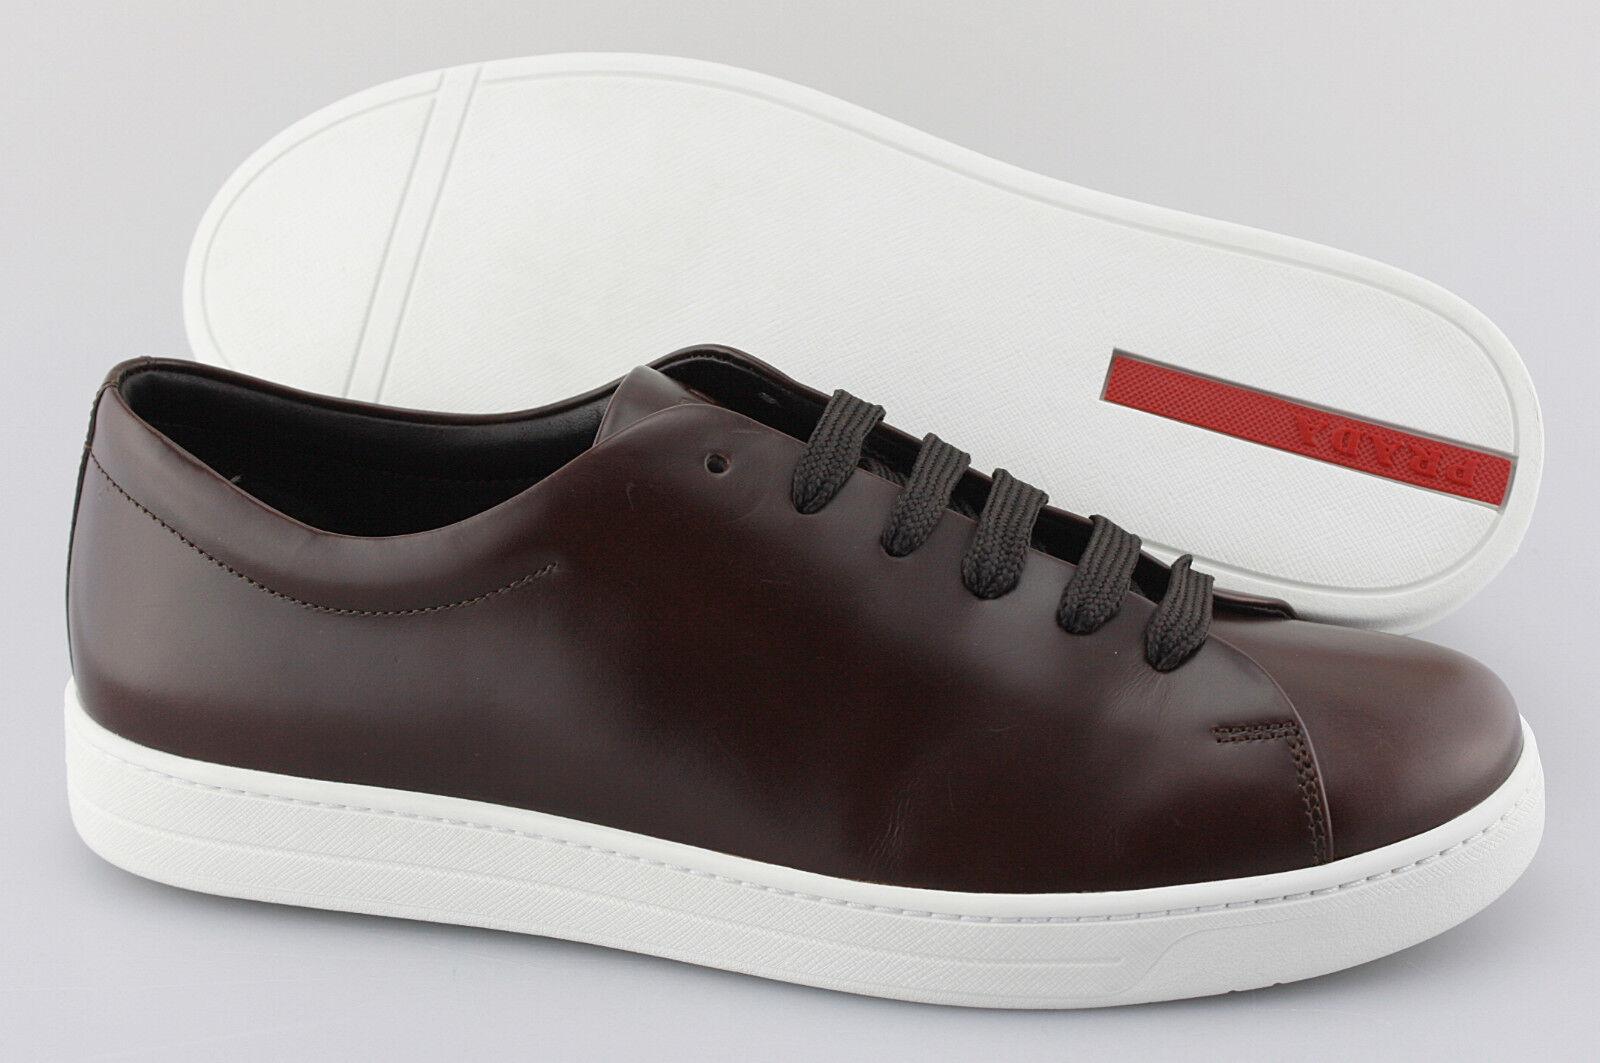 Men's PRADA 'Low-Top' Brown Leather Sneakers Size US 10 PRADA 9